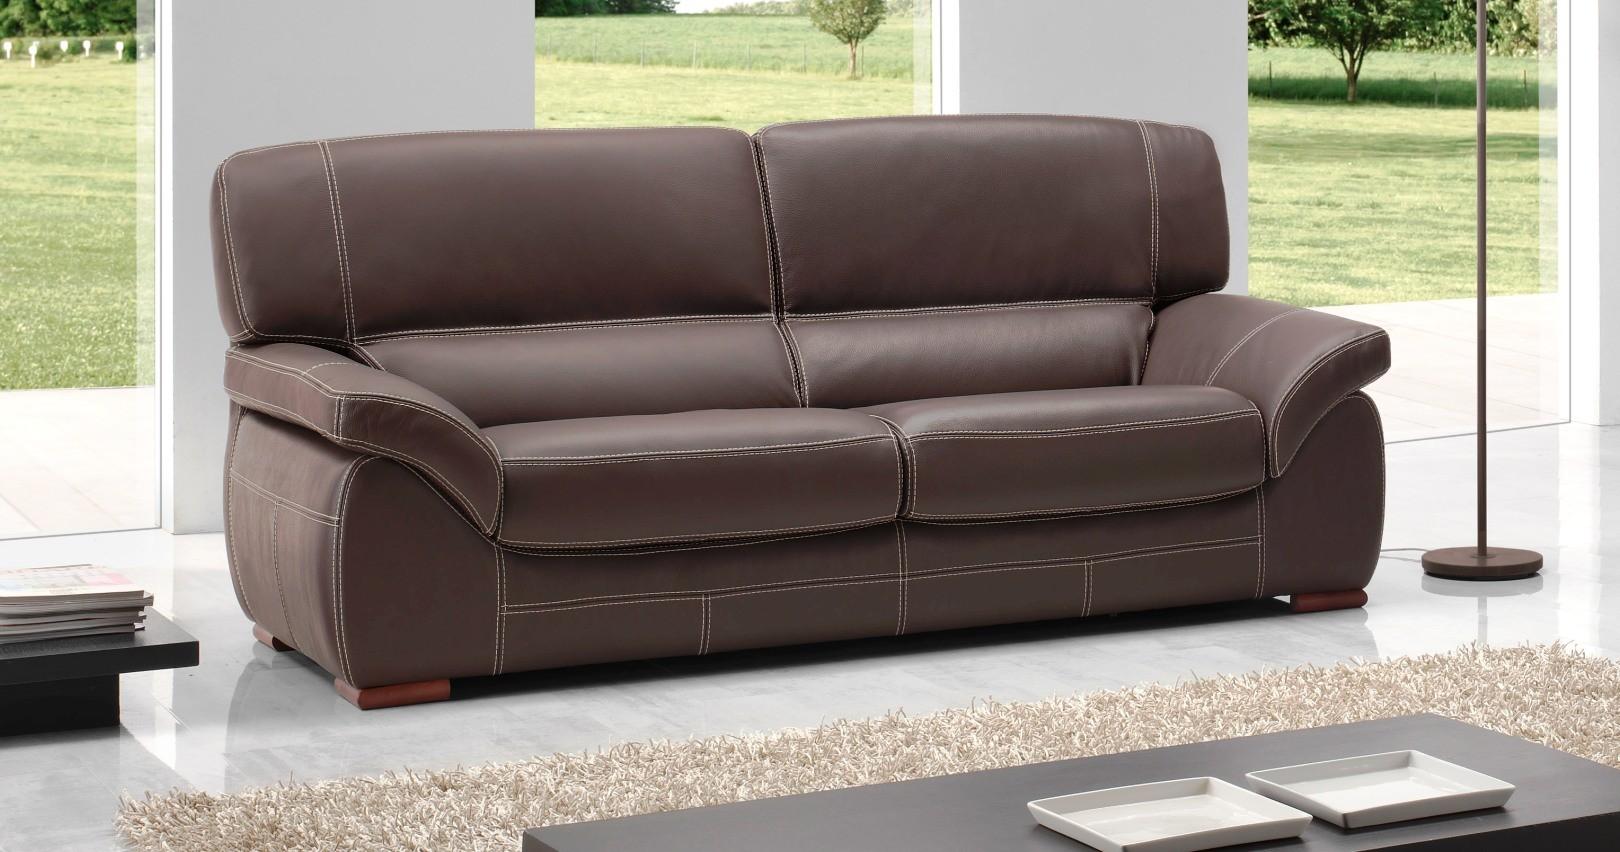 canap angelo personnalisable sur univers du cuir. Black Bedroom Furniture Sets. Home Design Ideas